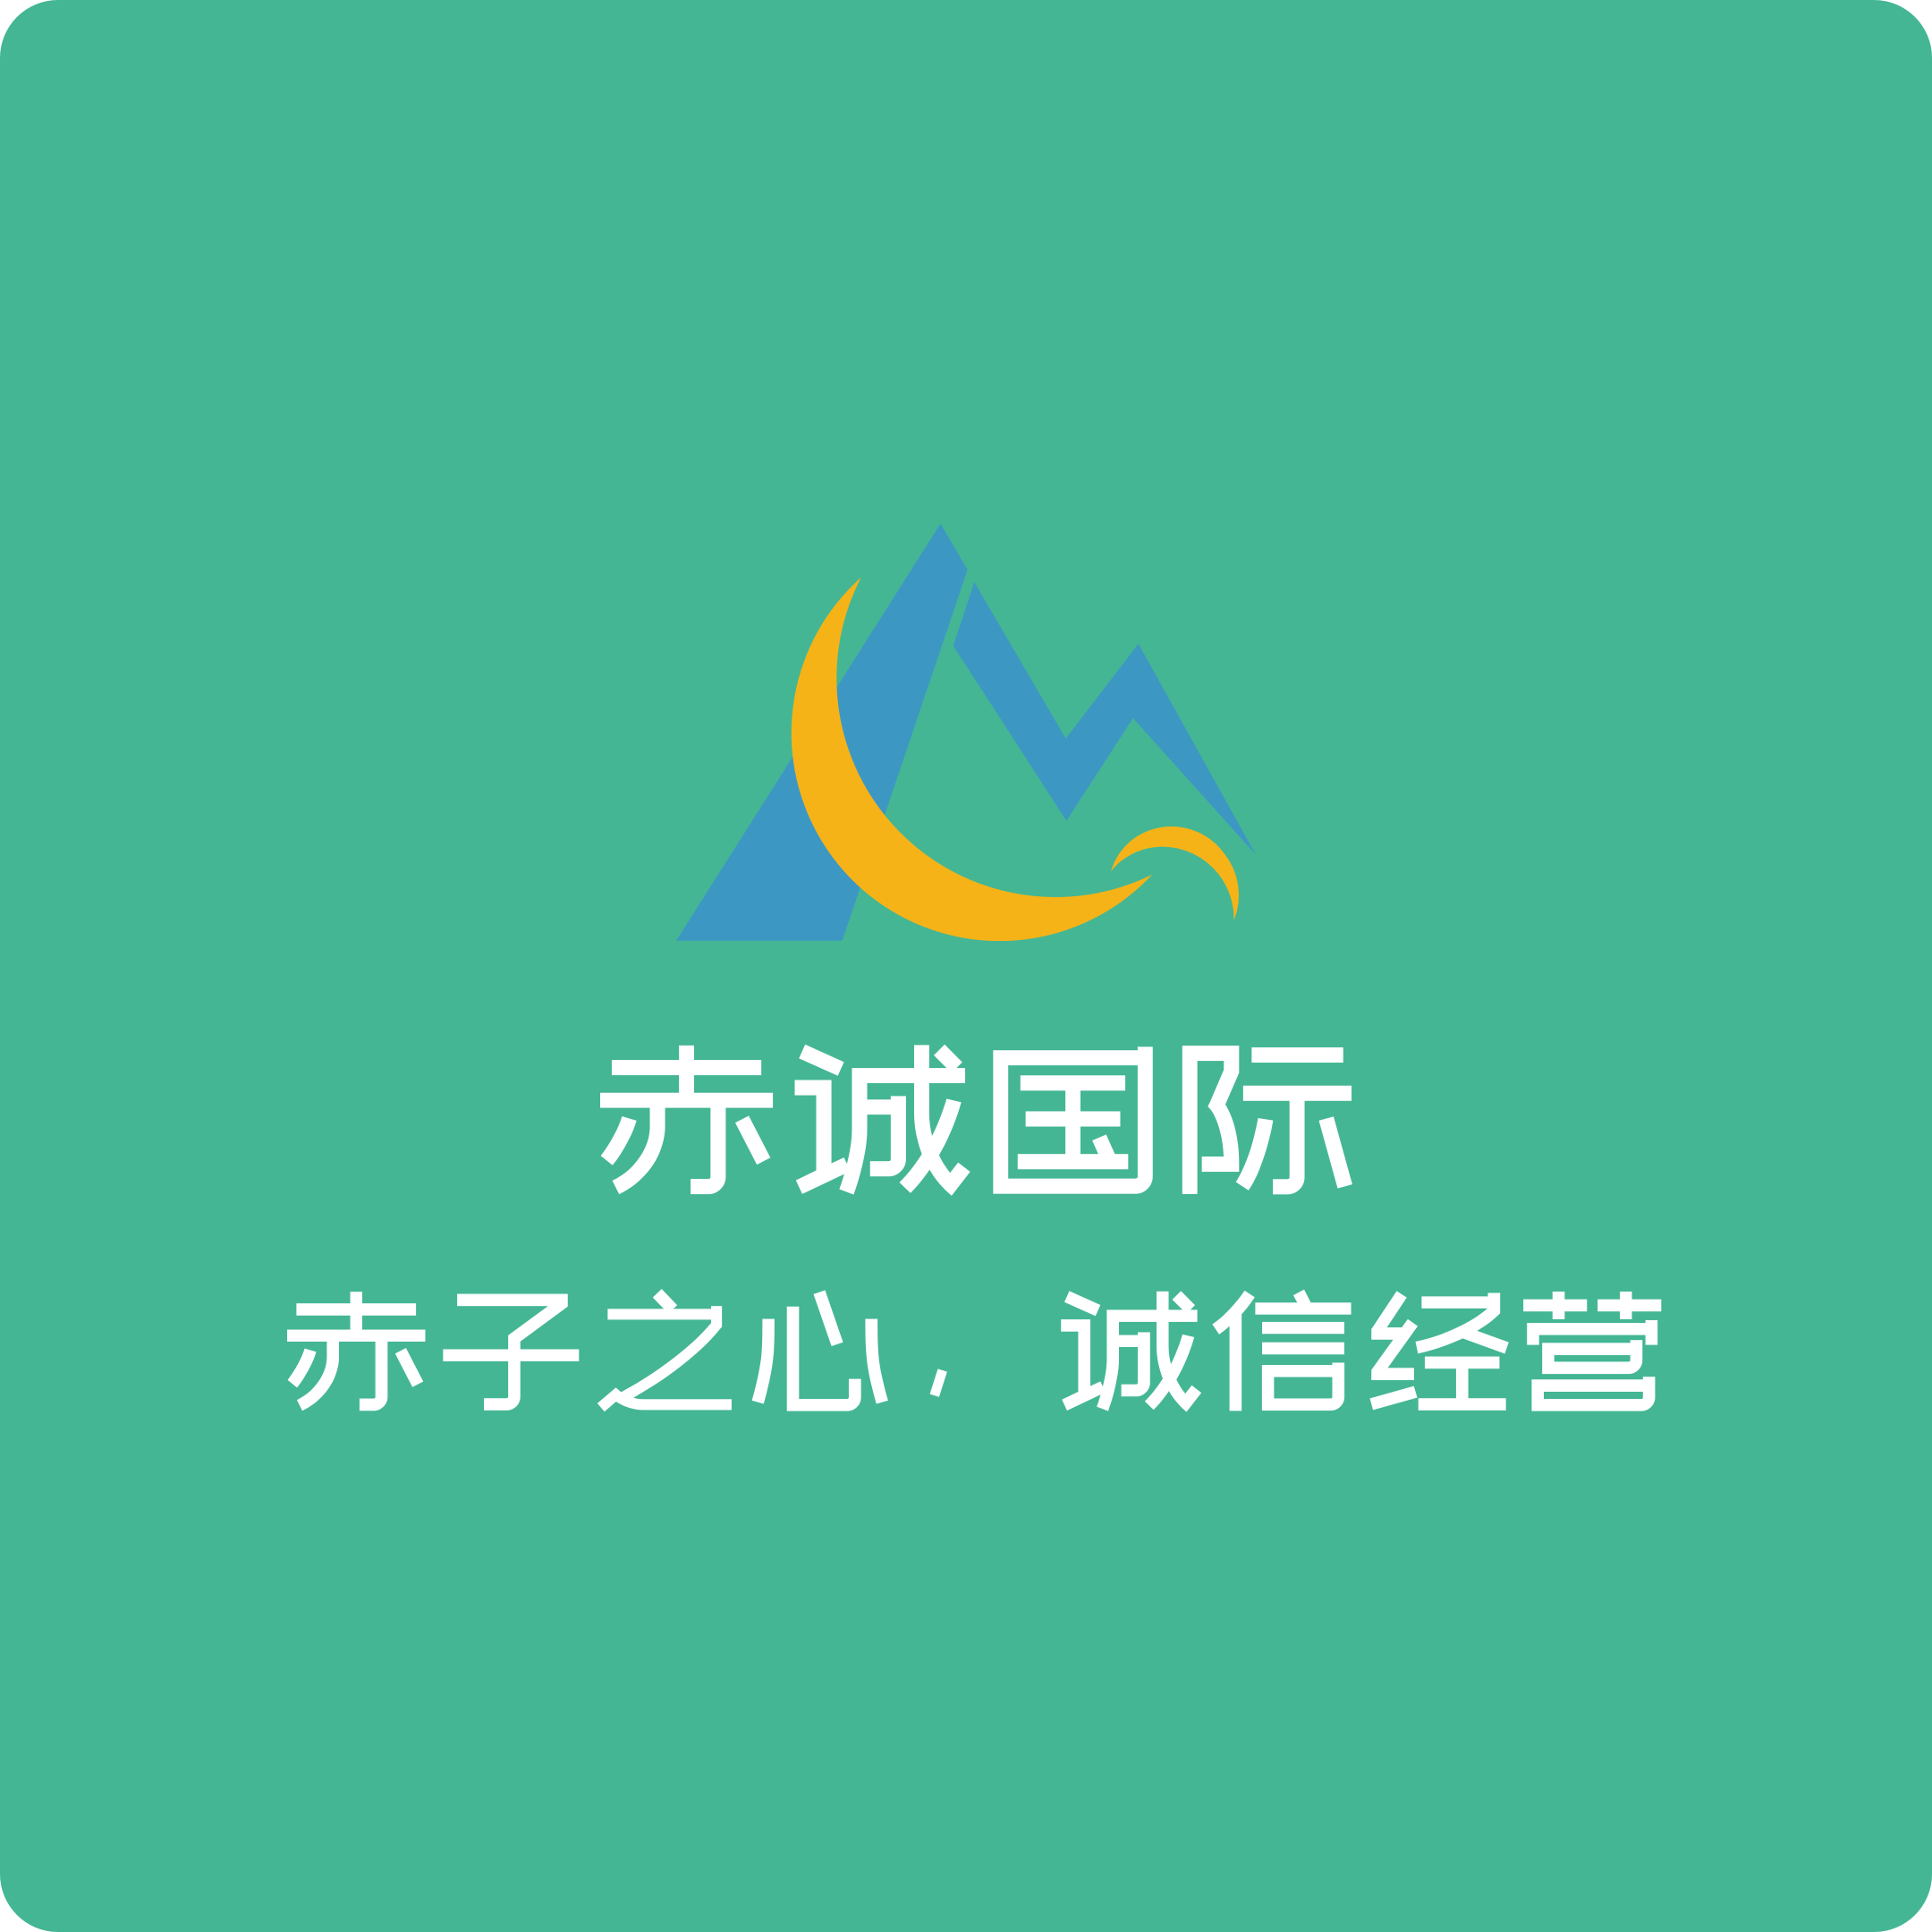 内蒙古赤诚国际建筑有限公司